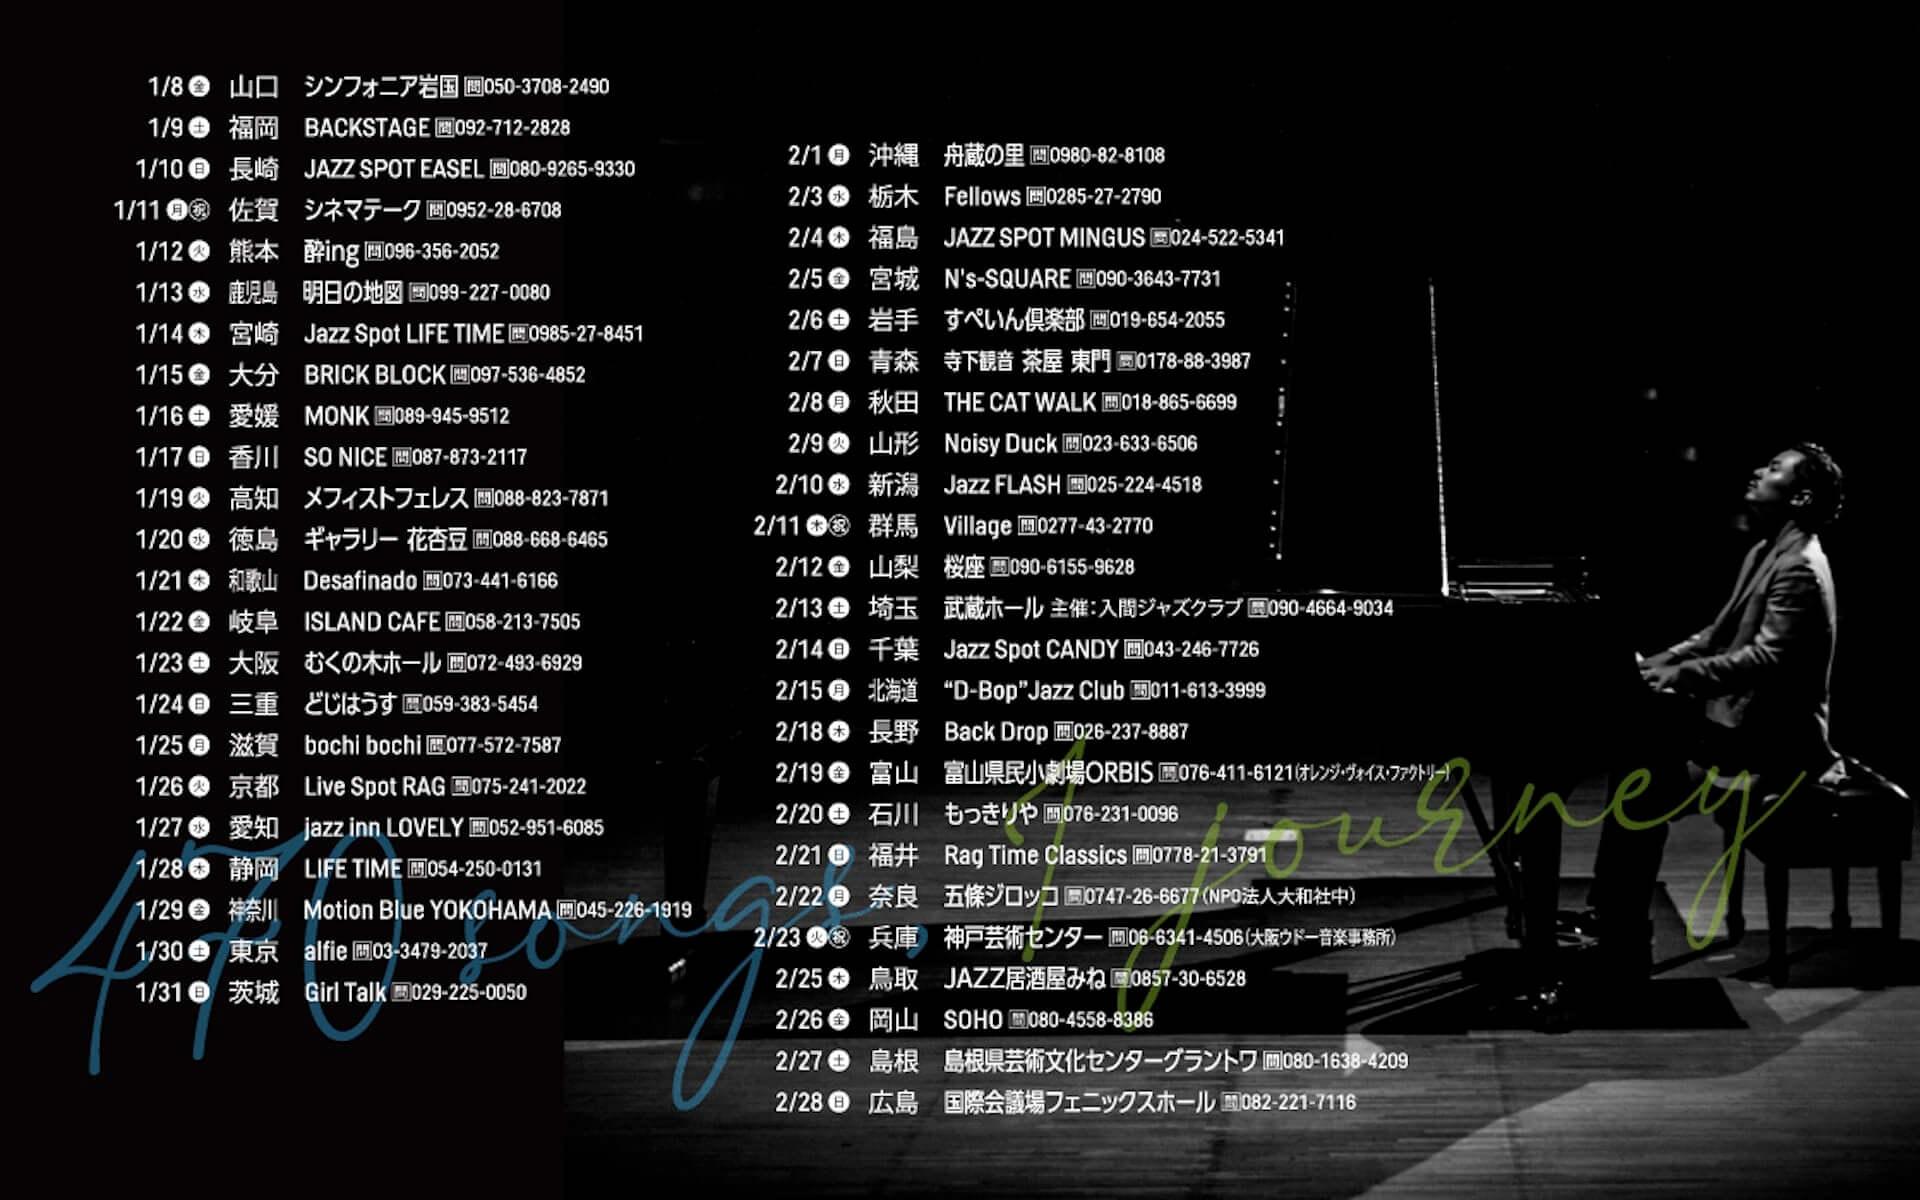 大林武司による全国ツアー<470 songs, 1 journey>の広島公演が開催決定!HIPPY、二階堂和美、清水末寿がゲスト出演 music210115_ohbayashi-takeshi_2-1920x1200